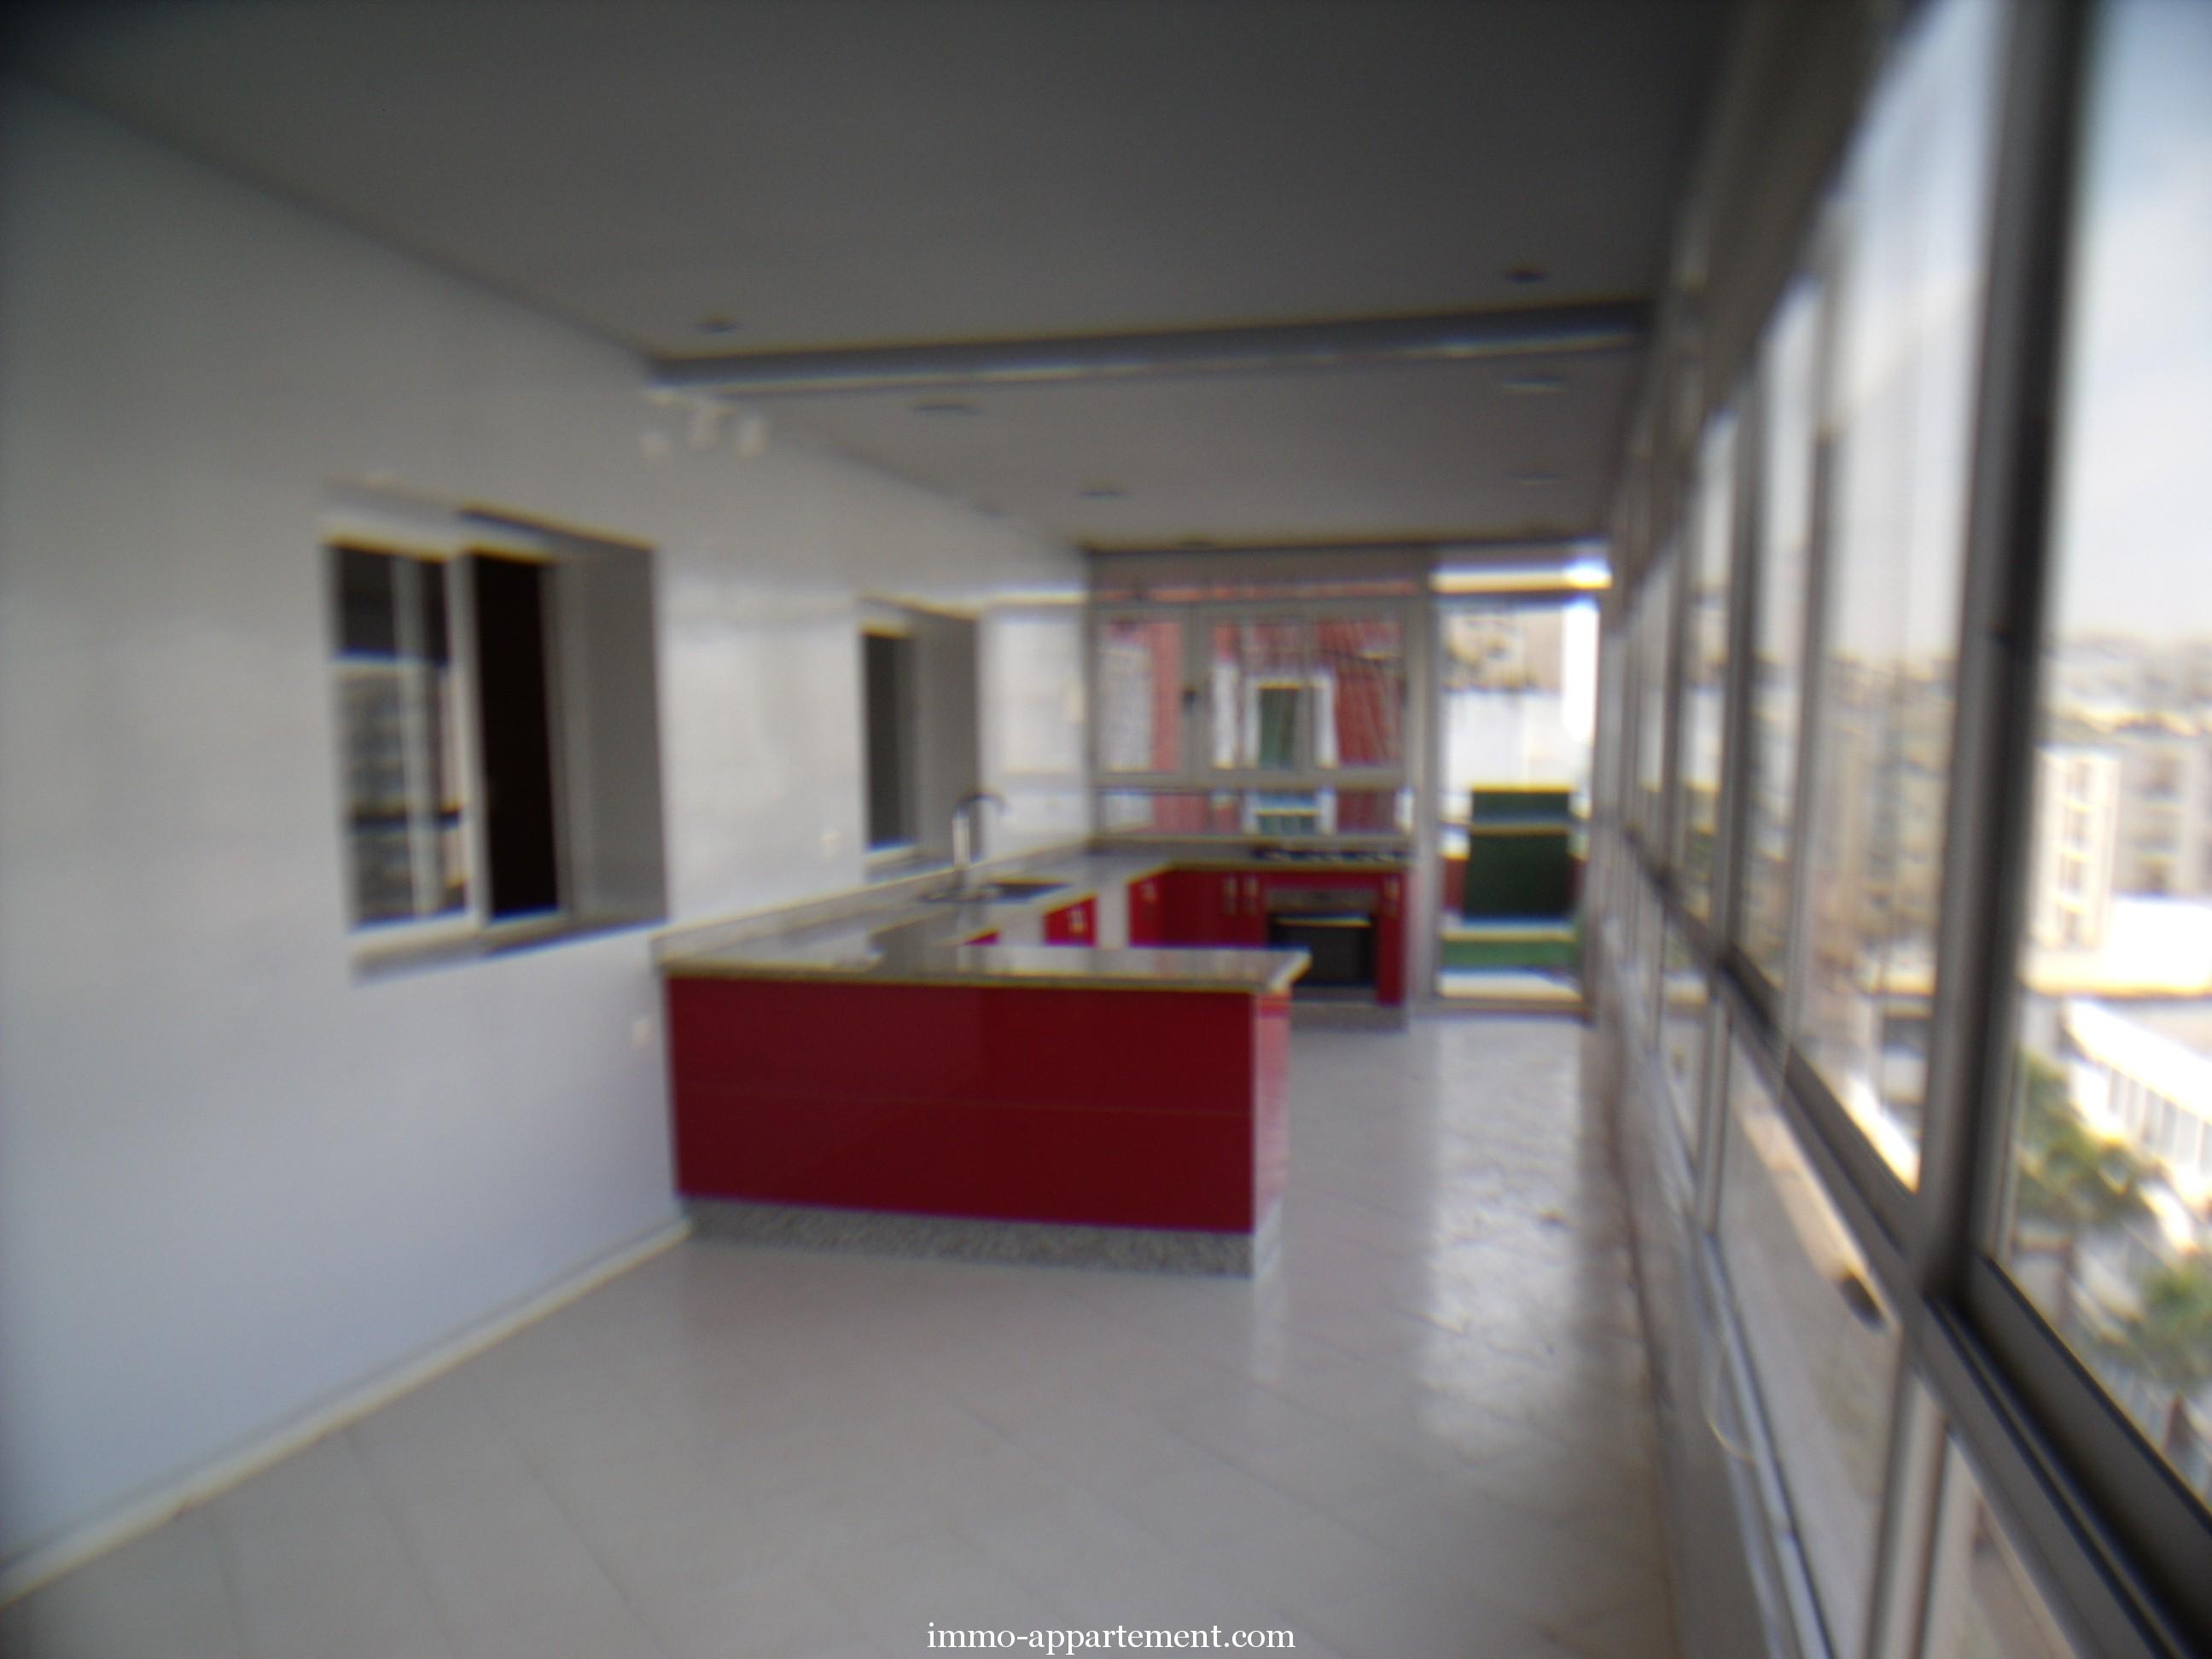 acheter appartement kenitra